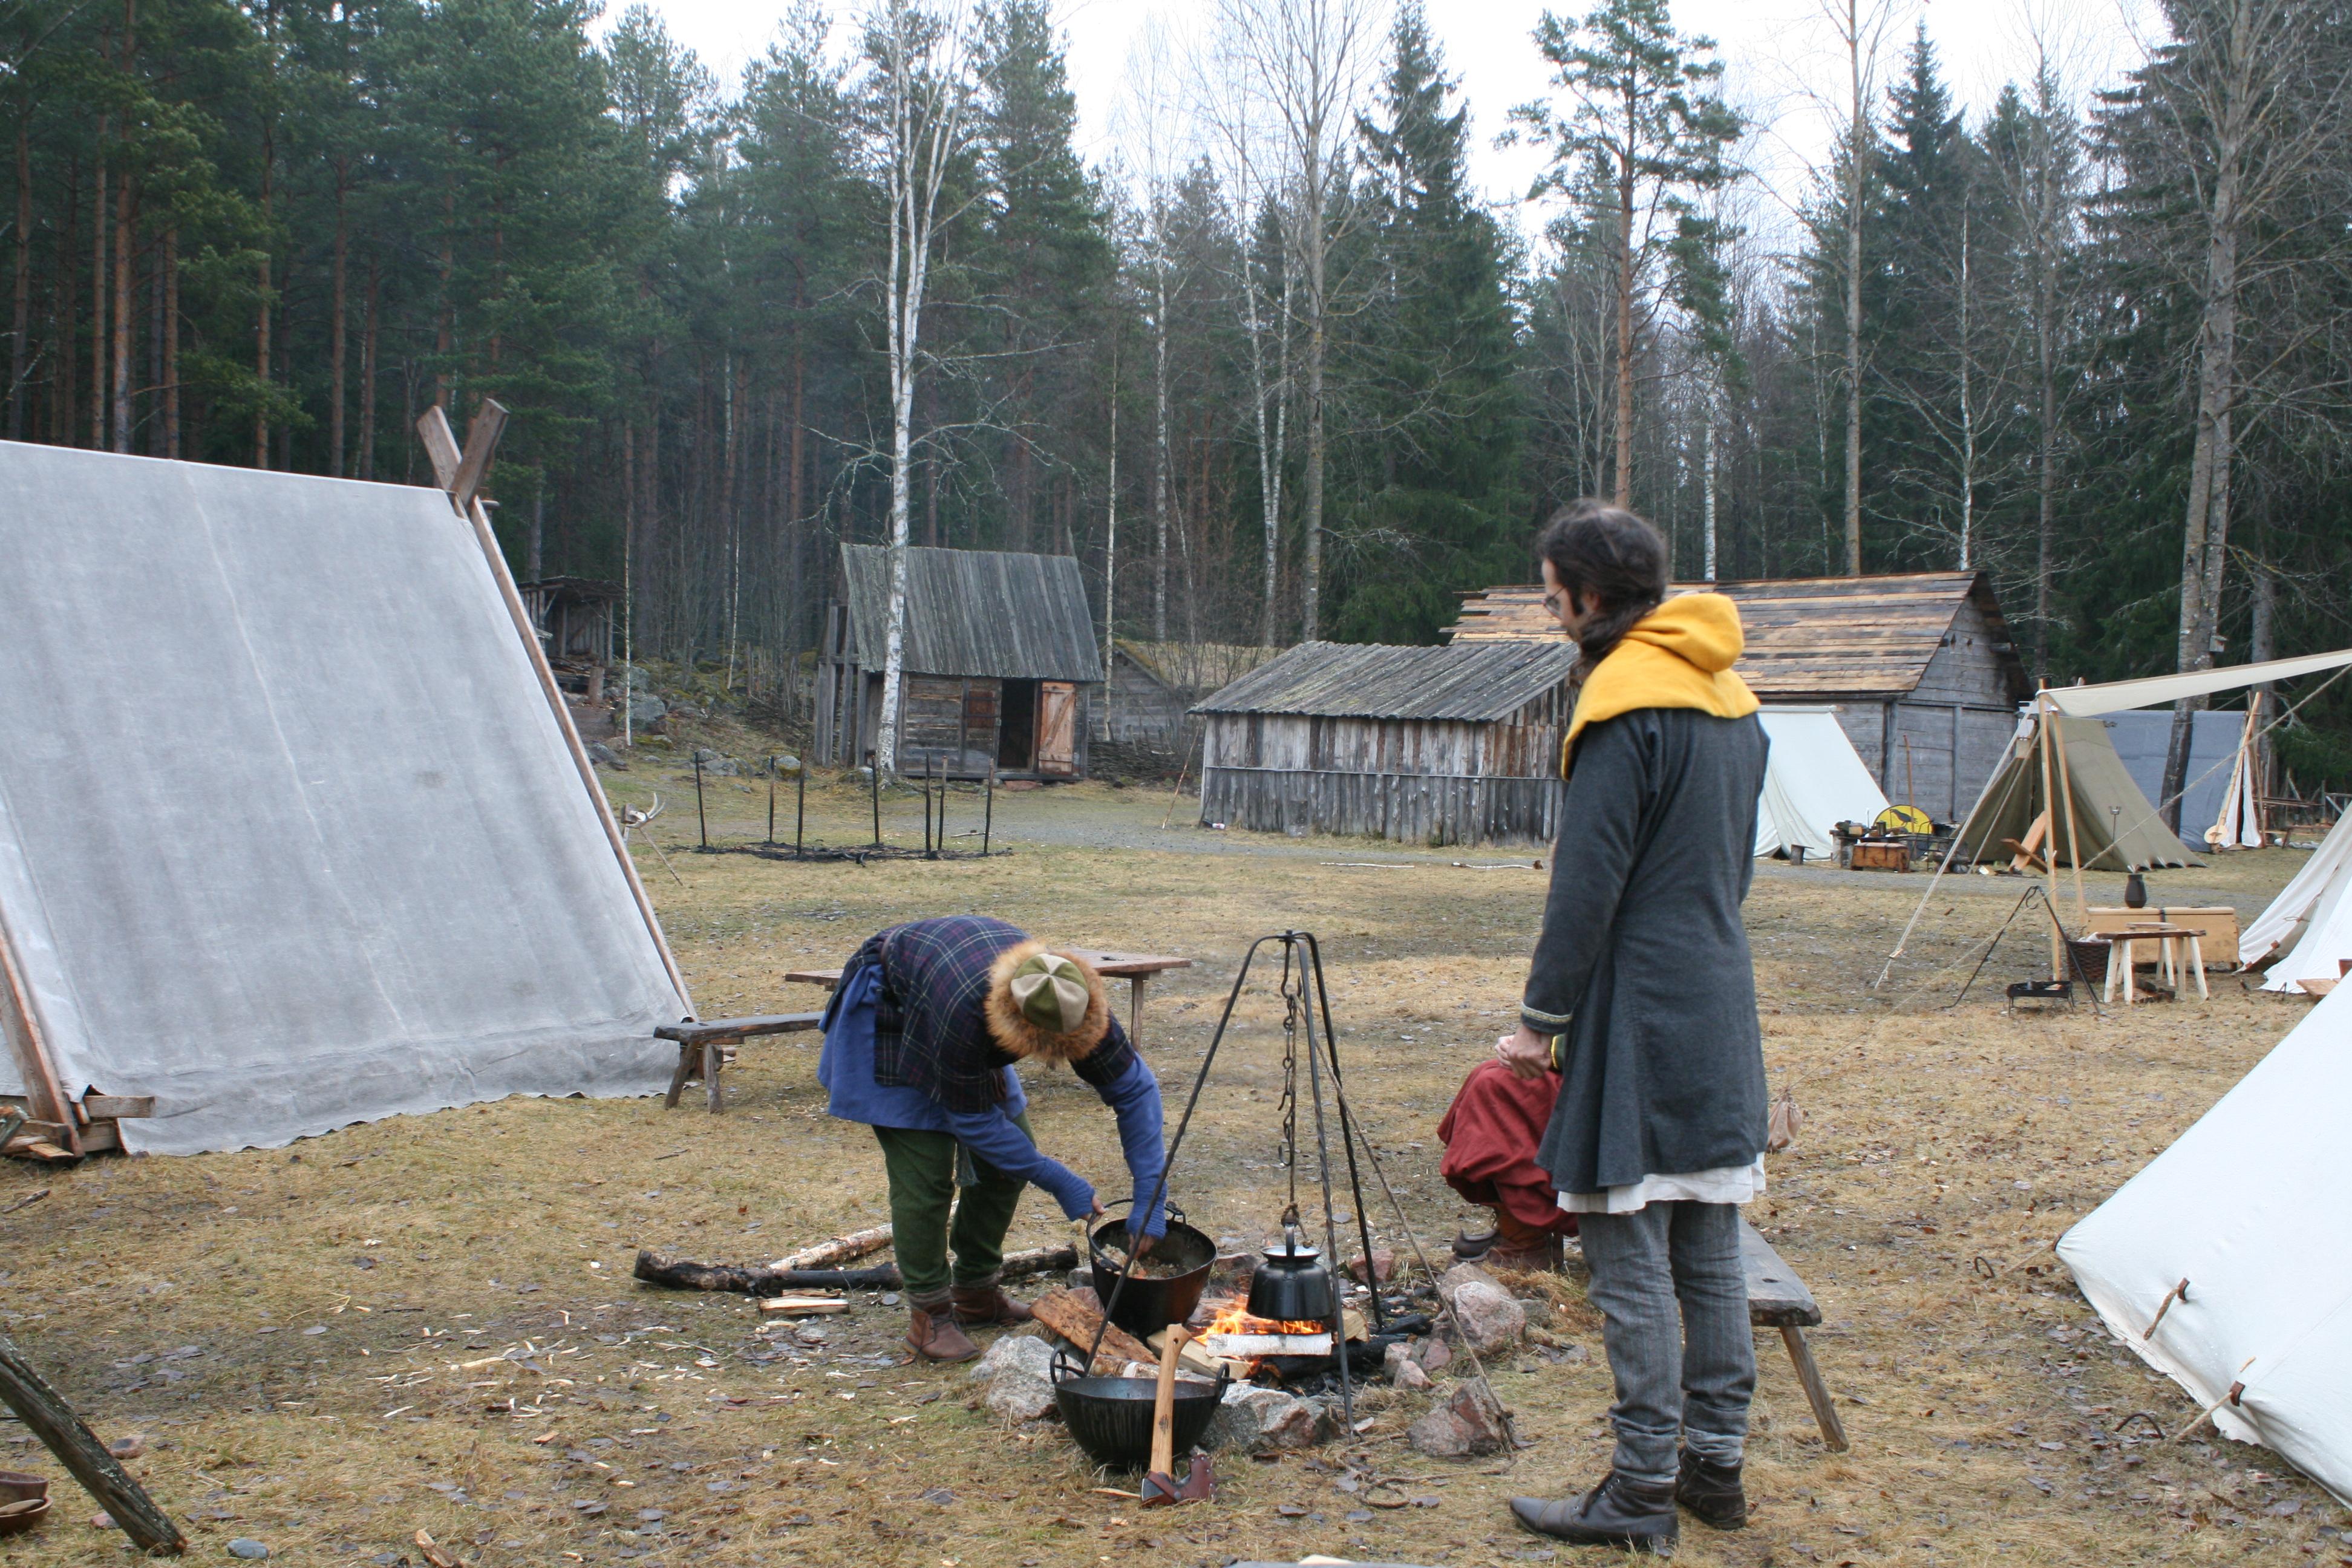 Vikings at Årsunda | HANDCRAFTED HISTORY